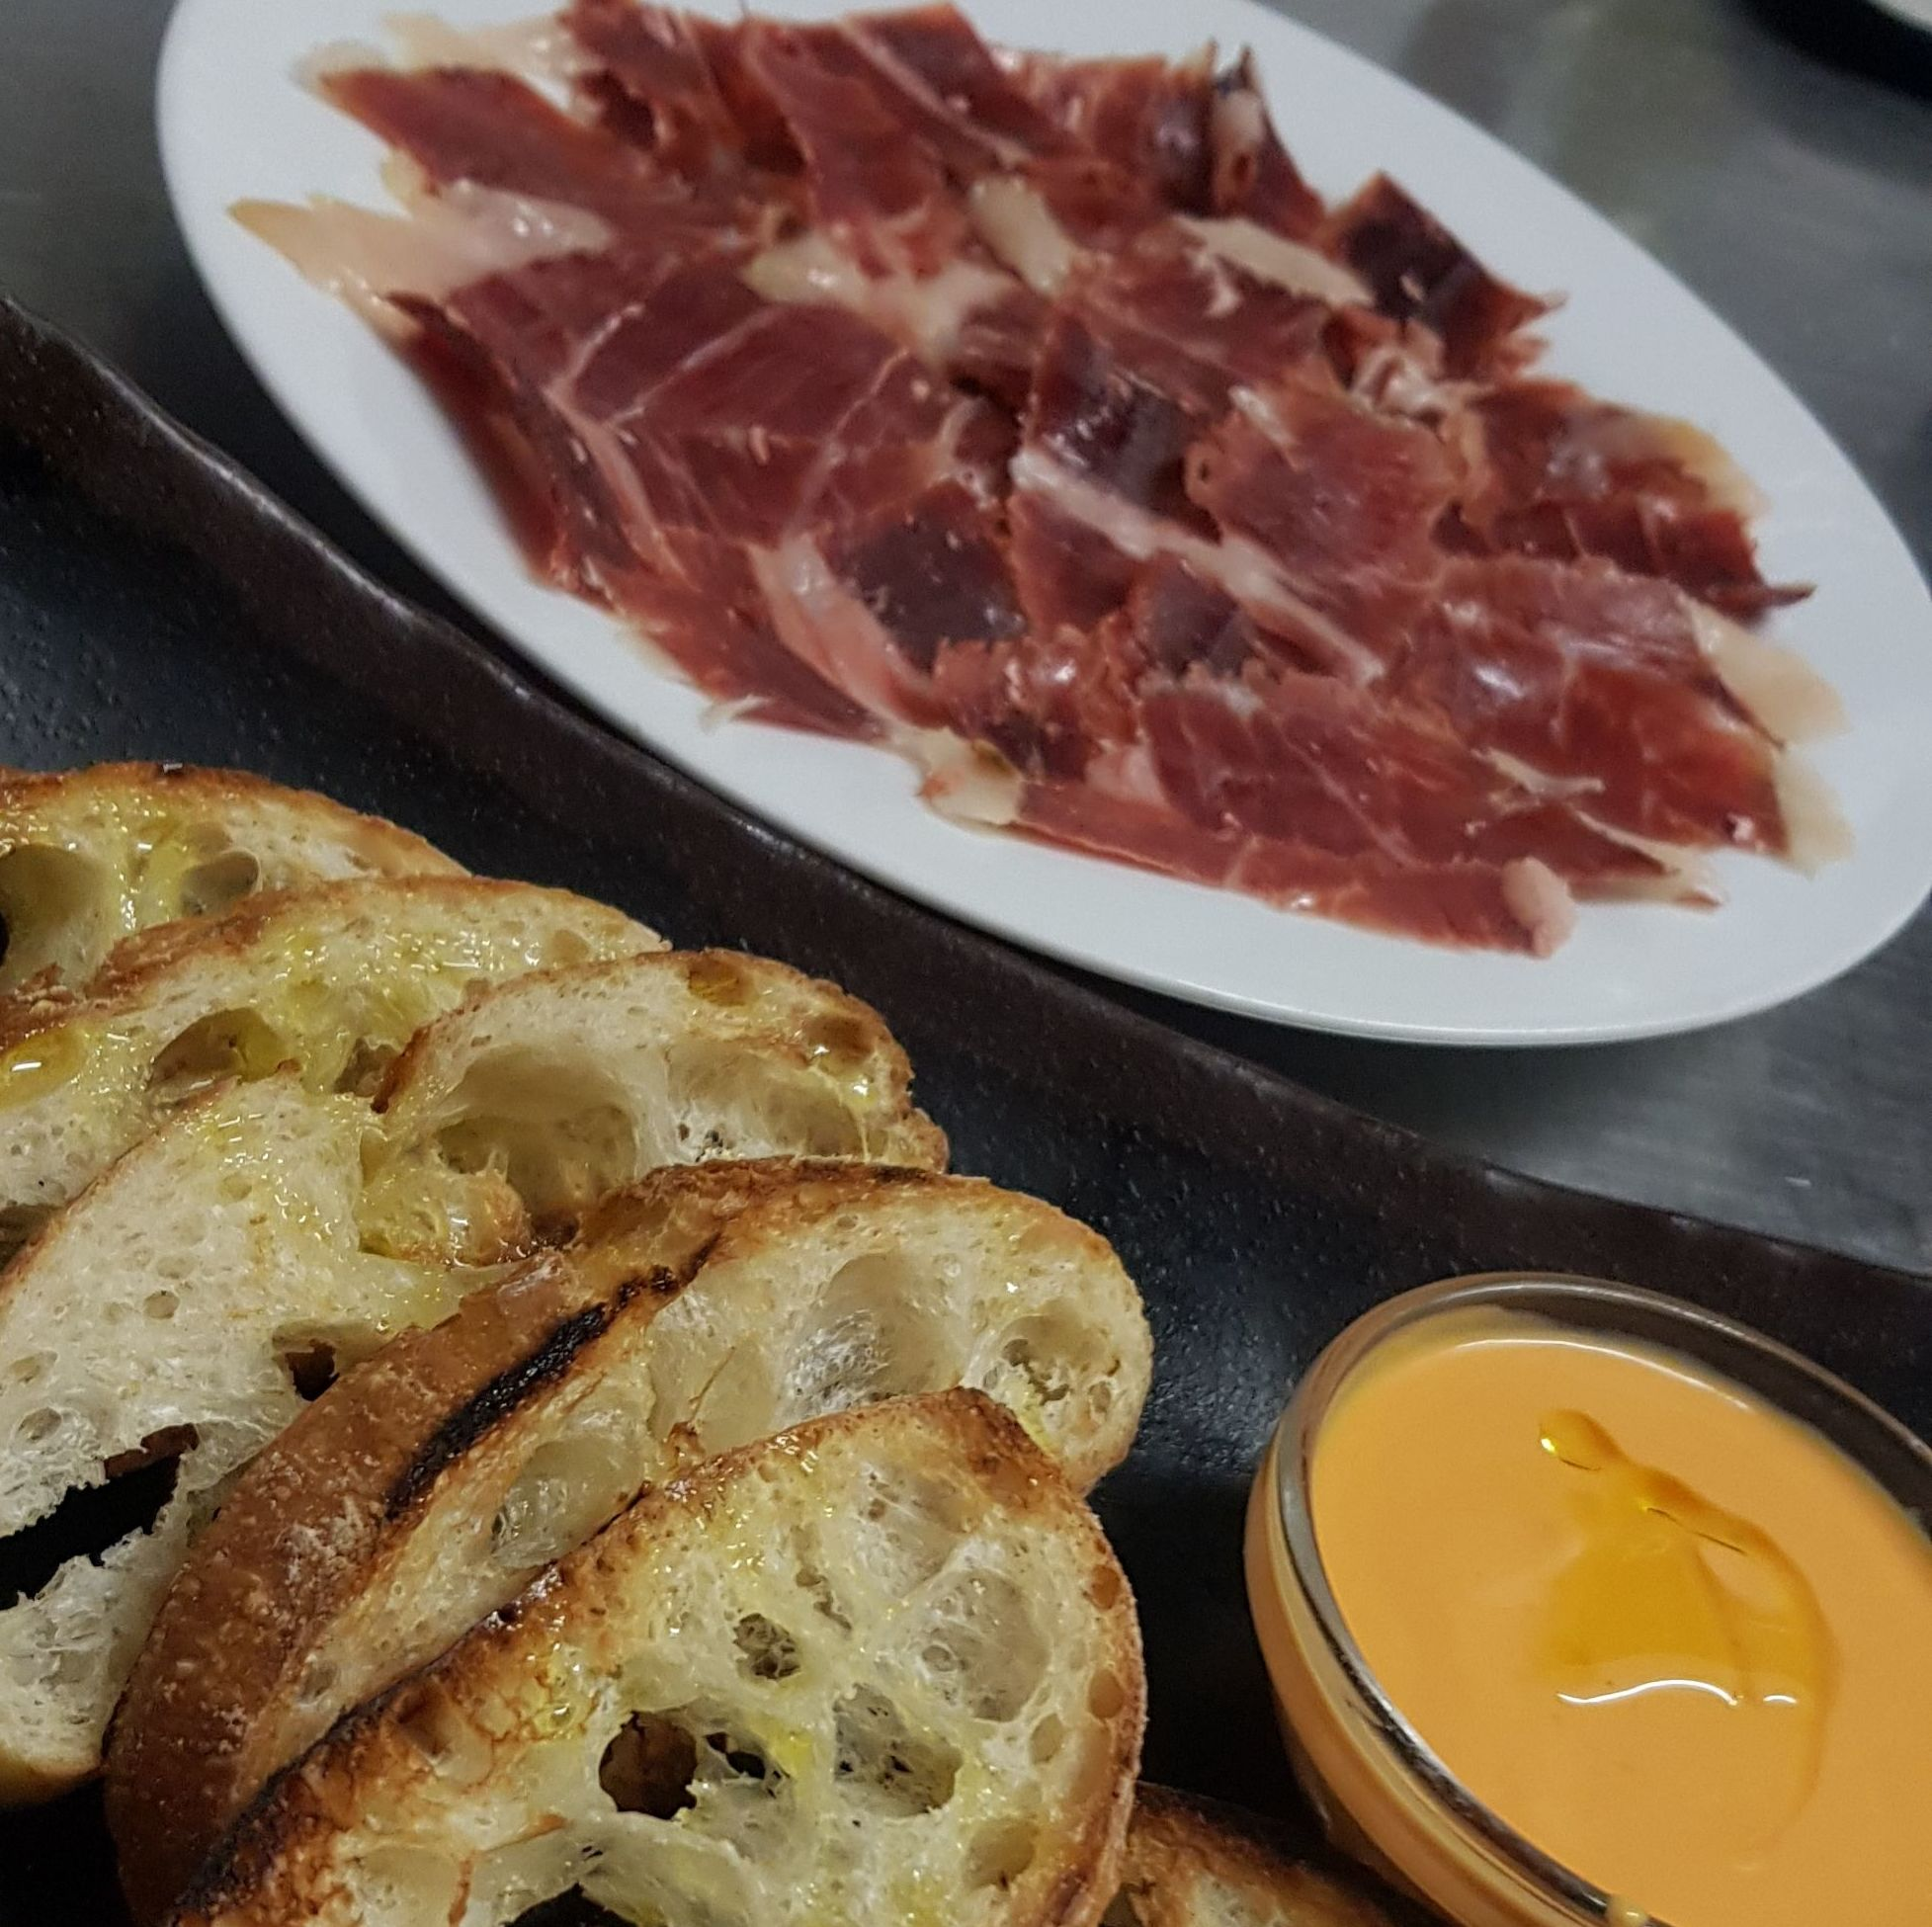 Foto 18 de Restaurante en Alcalá de Henares | Restaurante Skrei Noruego